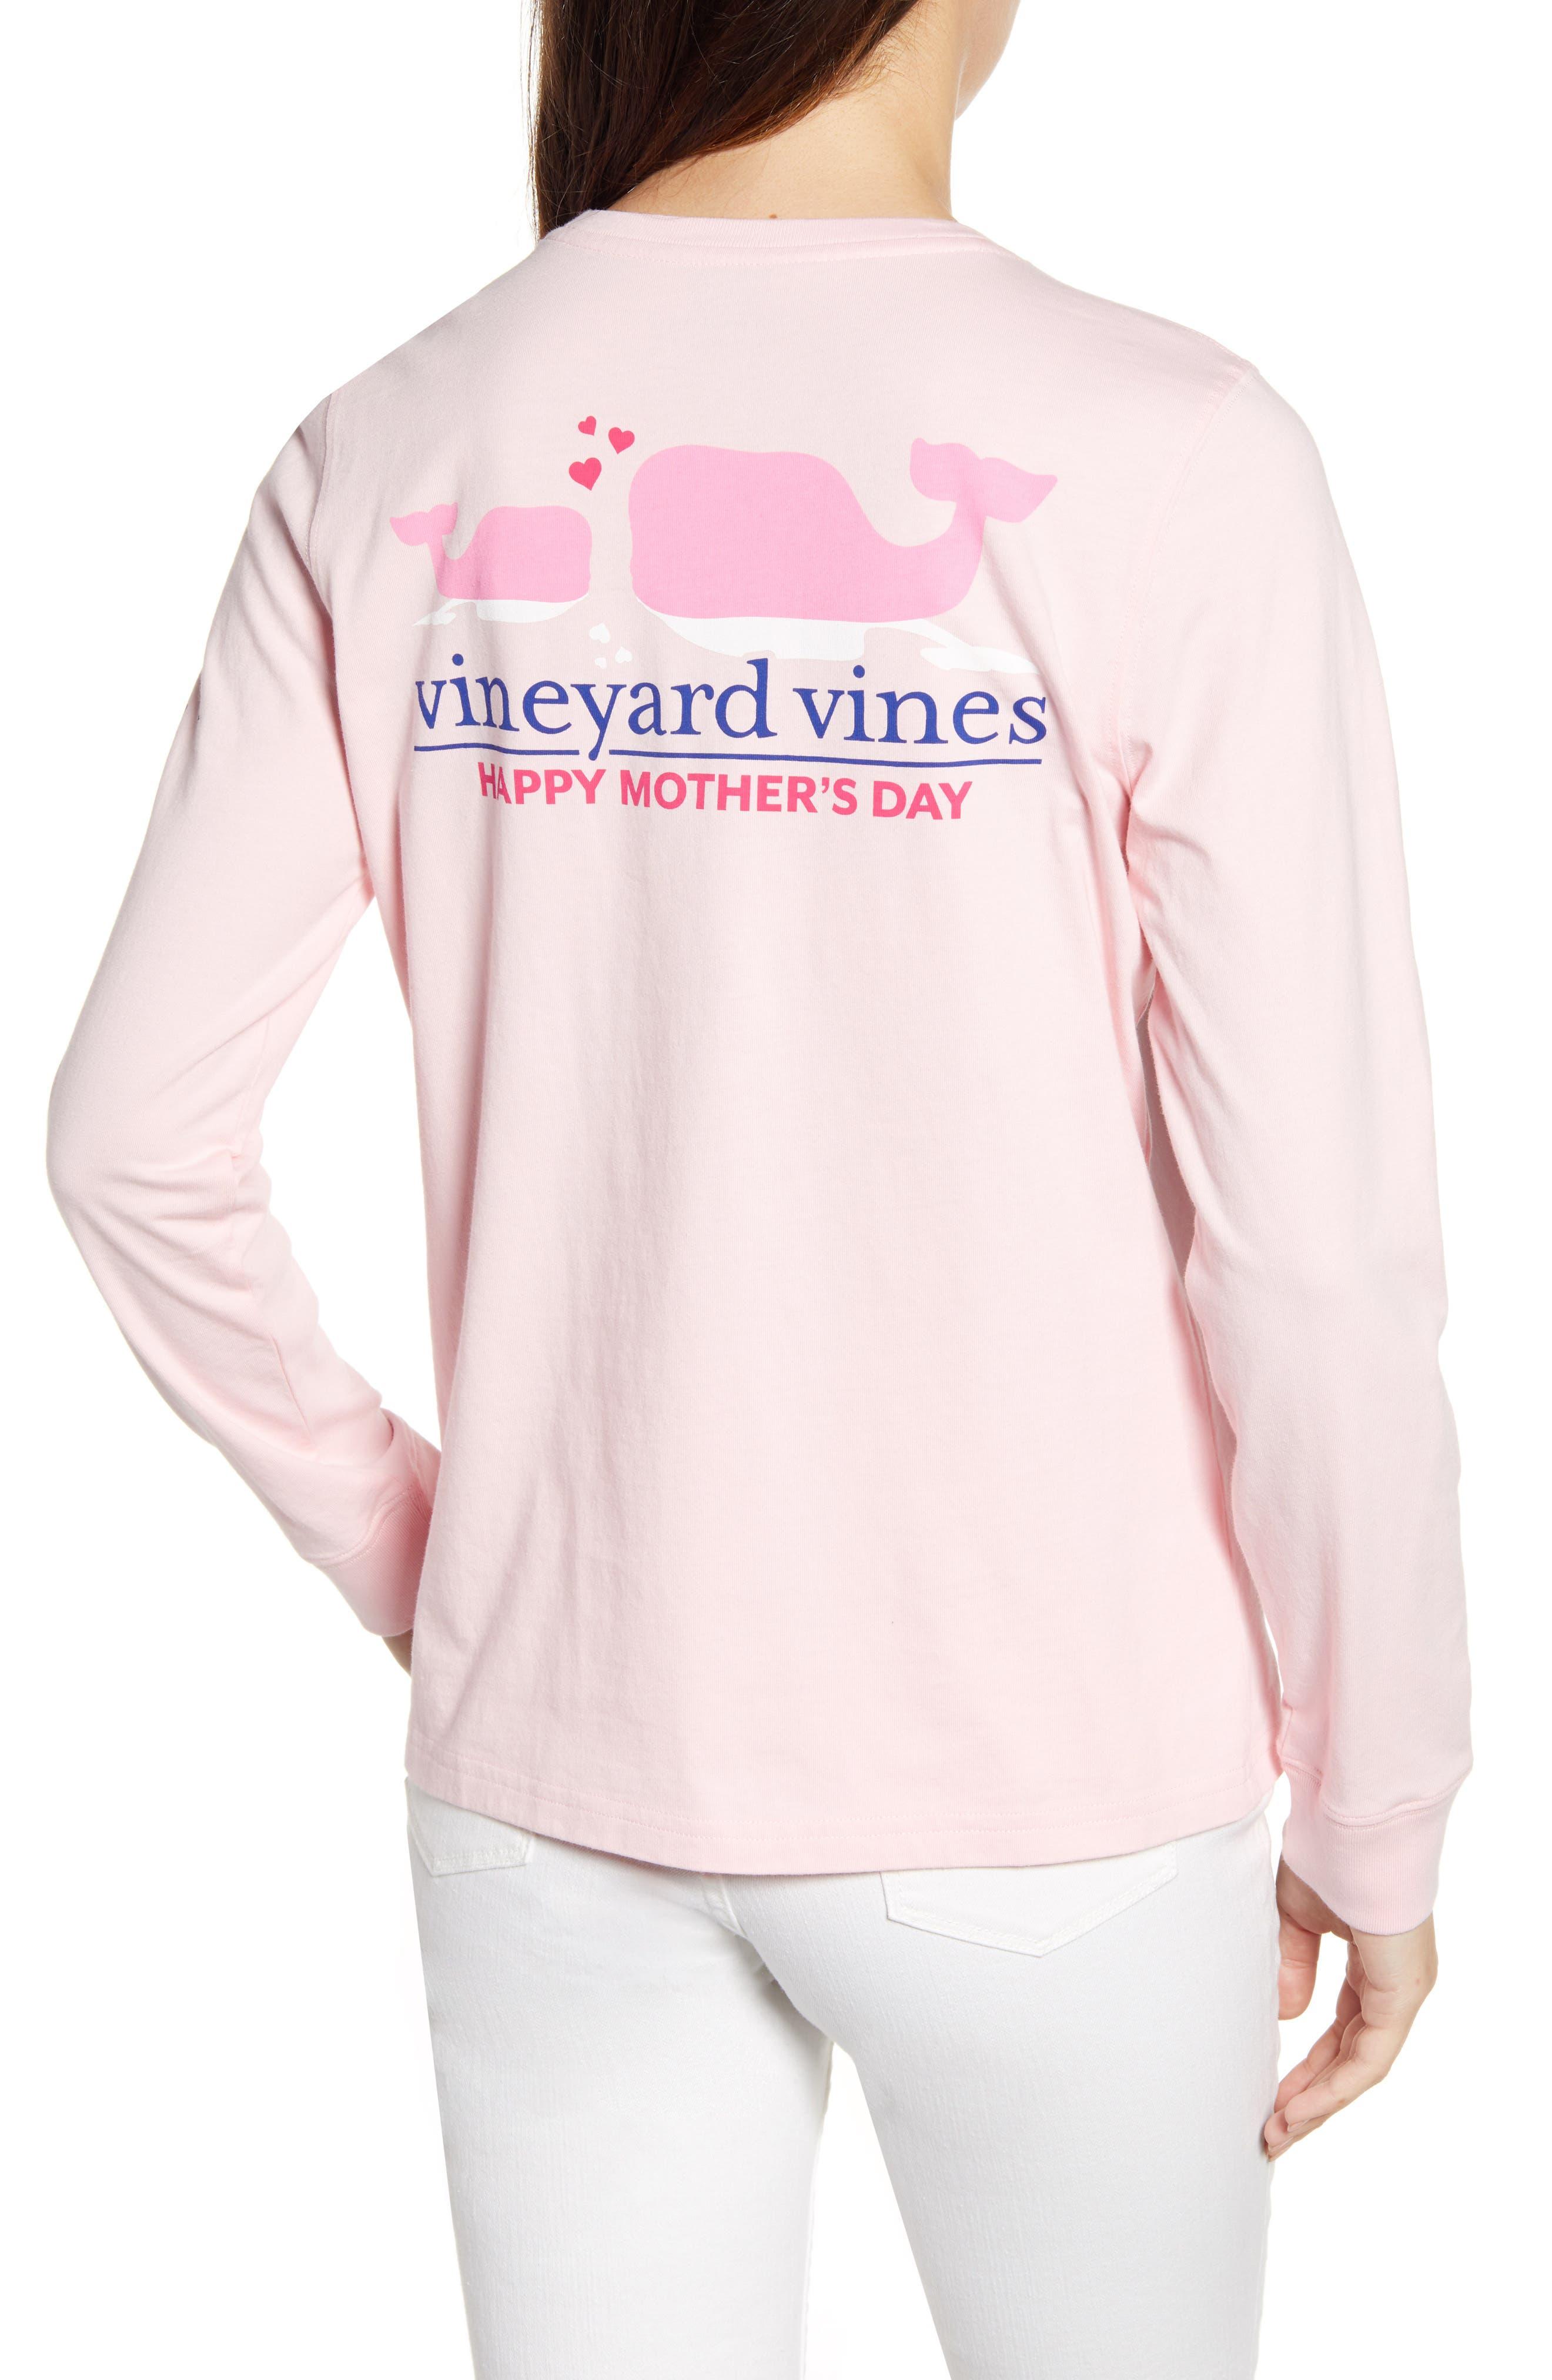 605e5cb9 Women's Vineyard Vines Tops | Nordstrom